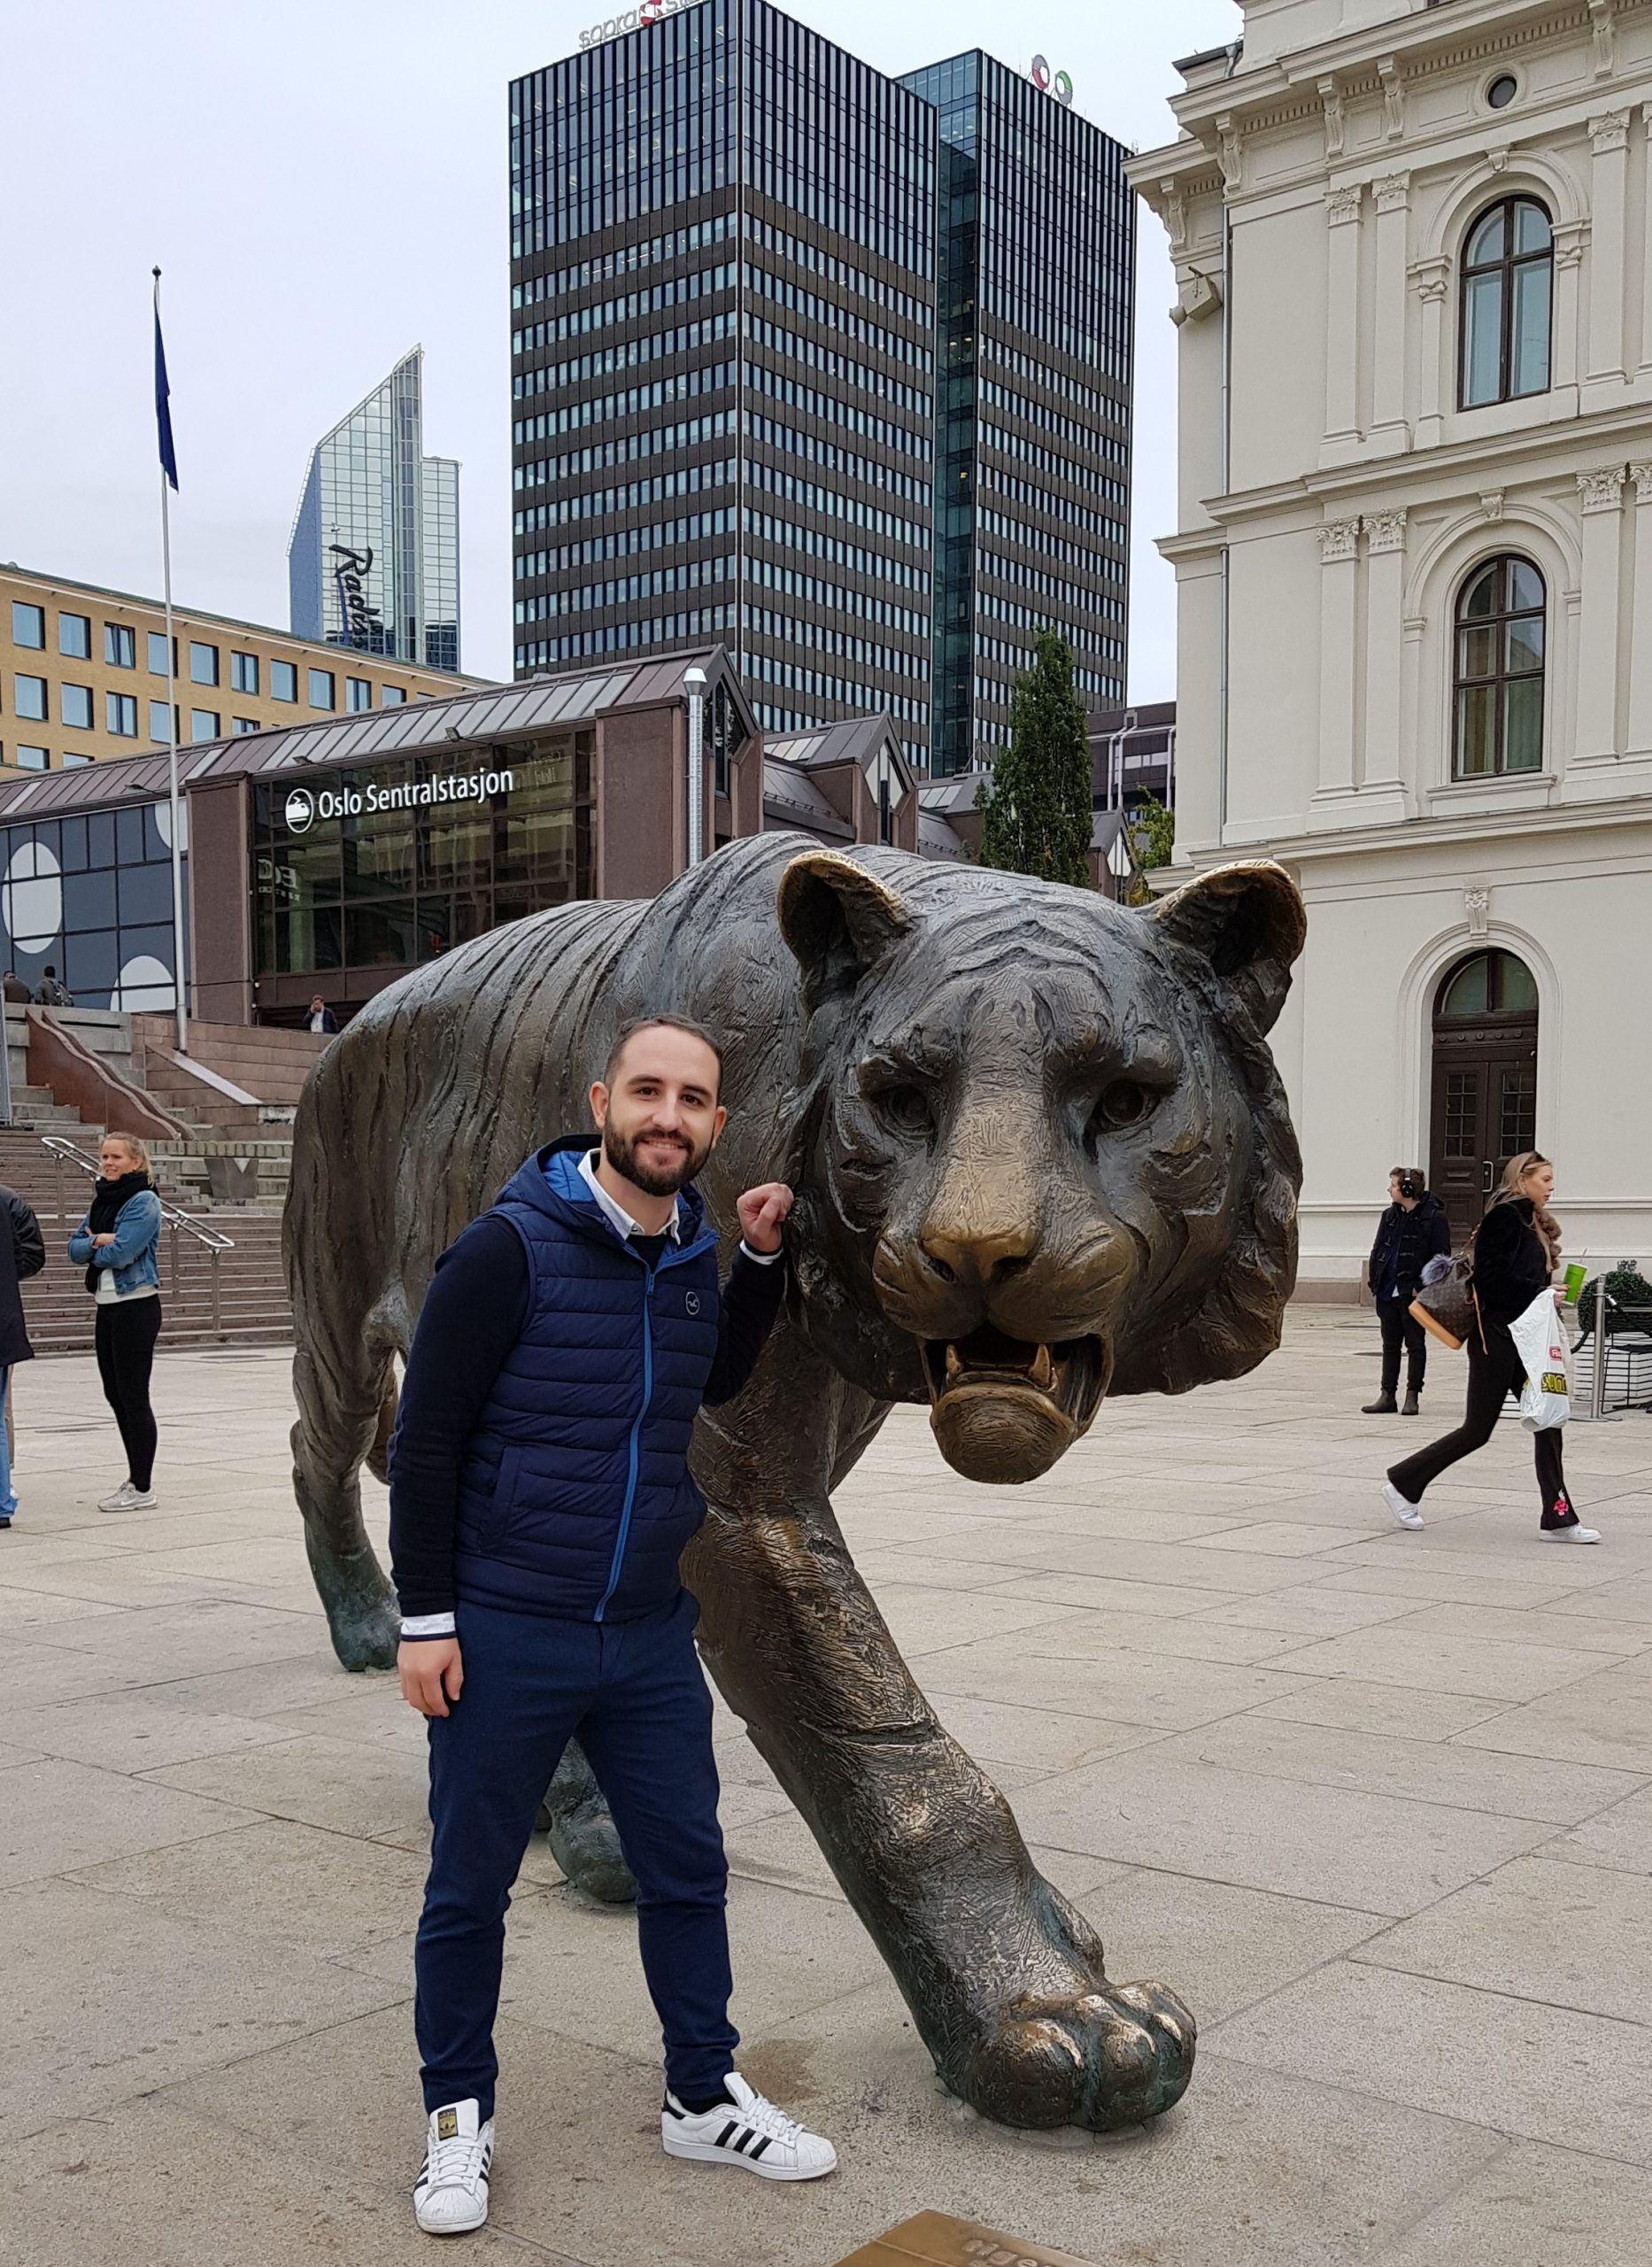 Estatua del tigre delante de la estación de trenes de Oslo